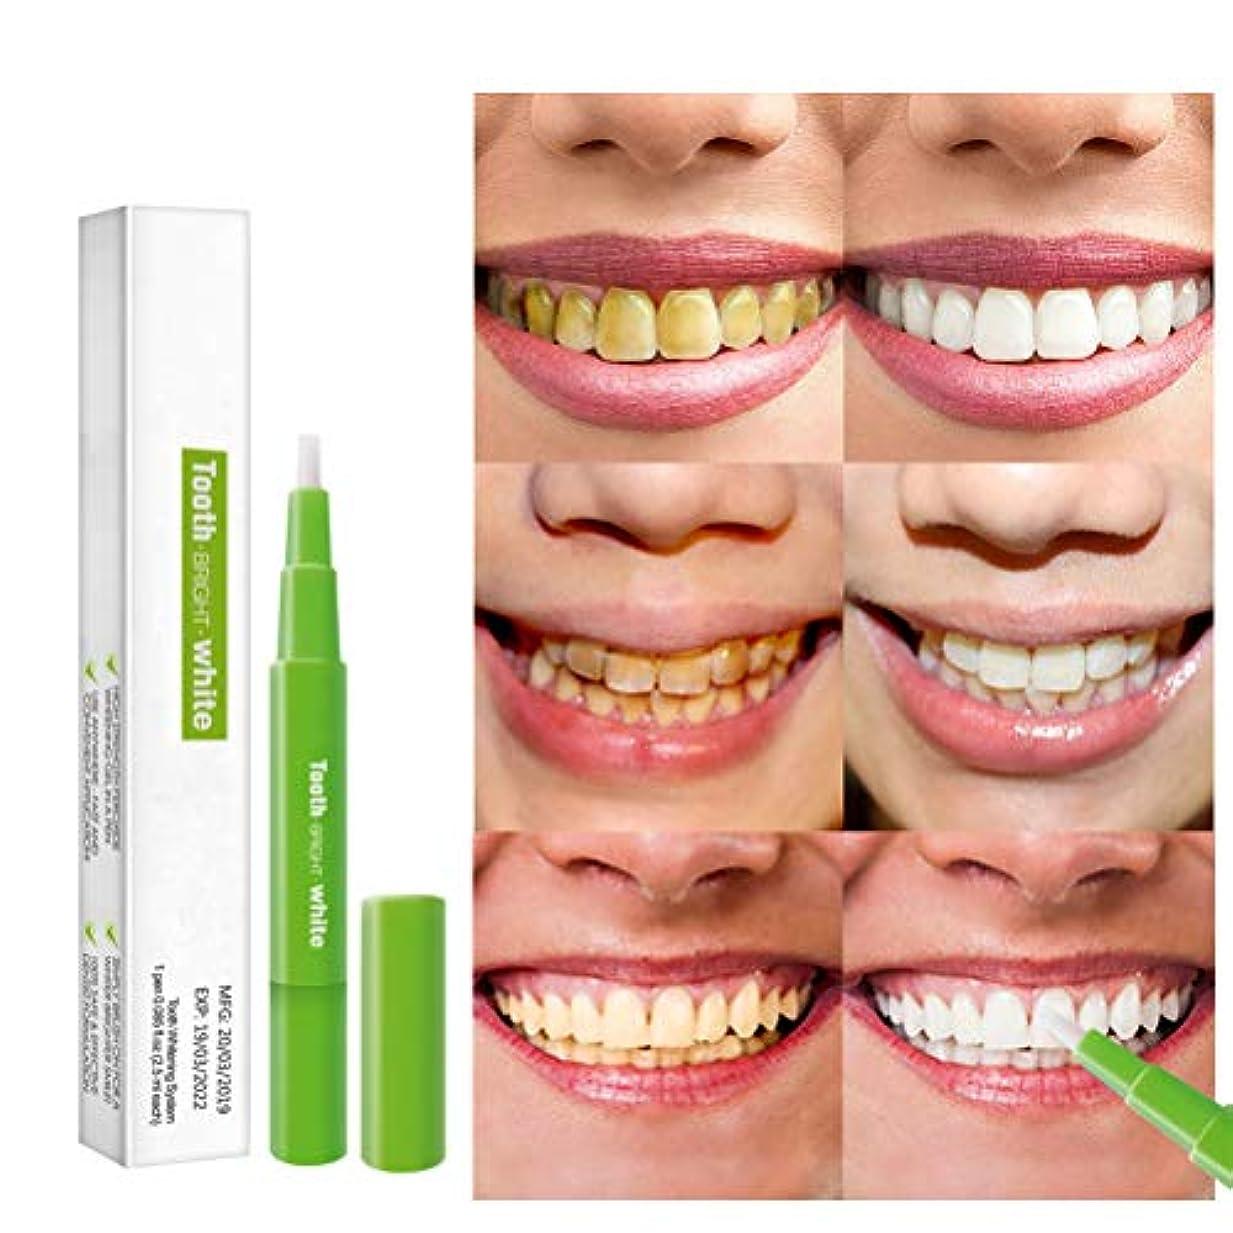 万歳無傷準拠Creacom 歯 ホワイトニング ペン 美白歯ゲル 歯 ホワイトニングペン ホワイトニングペン 歯ブラシ 輝く笑顔 口臭防止 歯周病防止 口腔衛生 携帯便利 安全性 口腔洗浄ツール 輝かしい笑顔を見せる